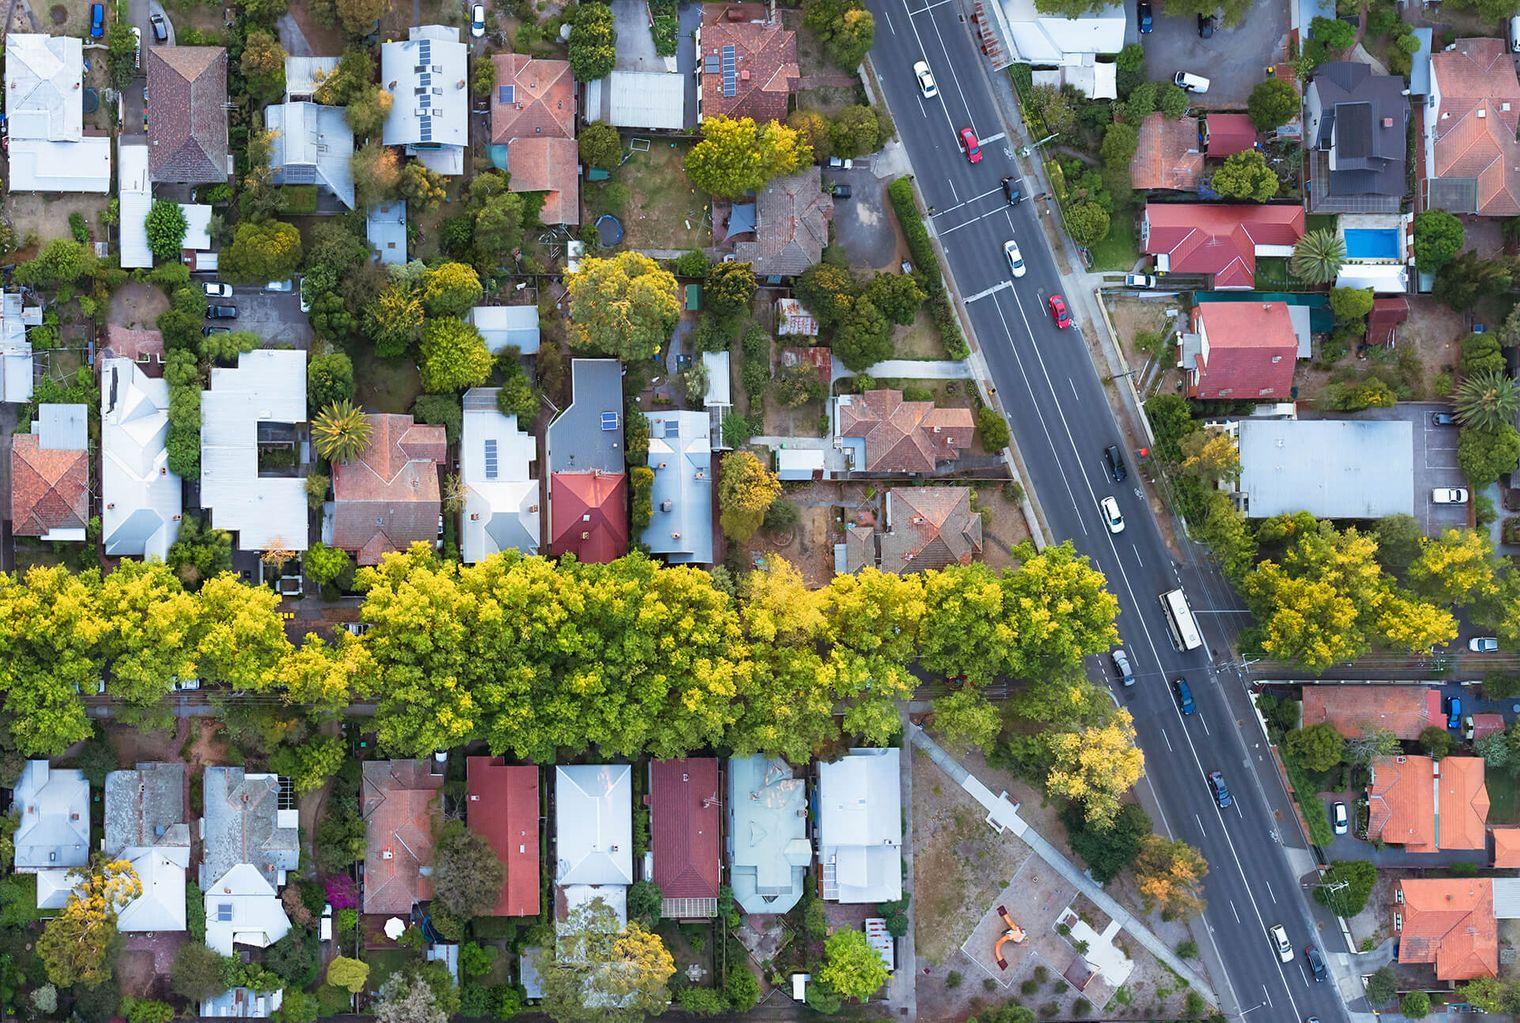 Do Interest Only Home Loans Still Make Sense?